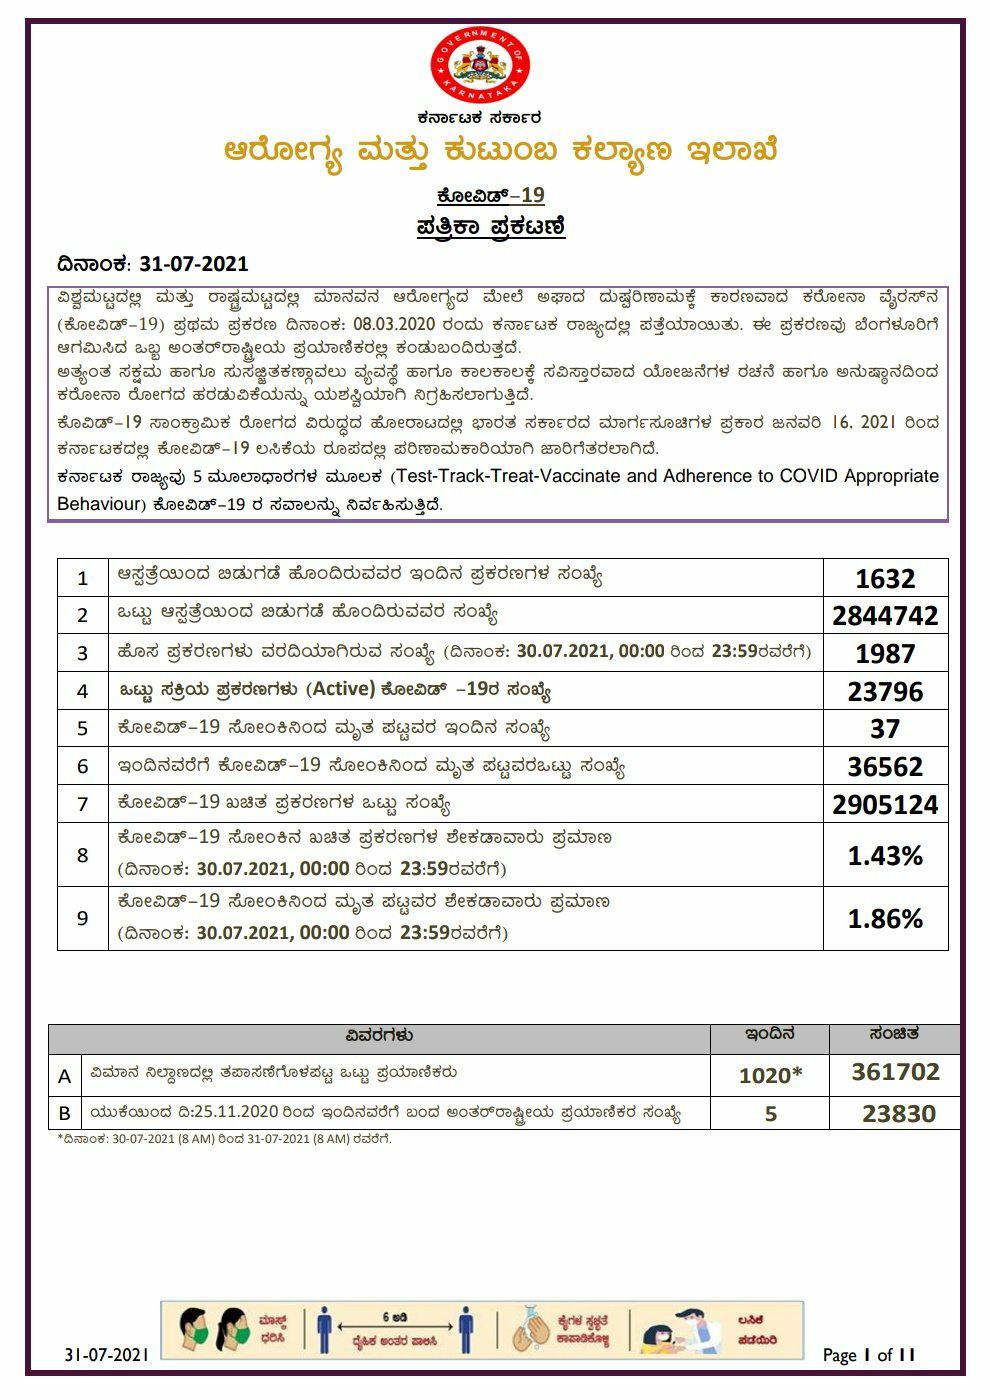 31-07-2021 Today kovid-19 health bulletin